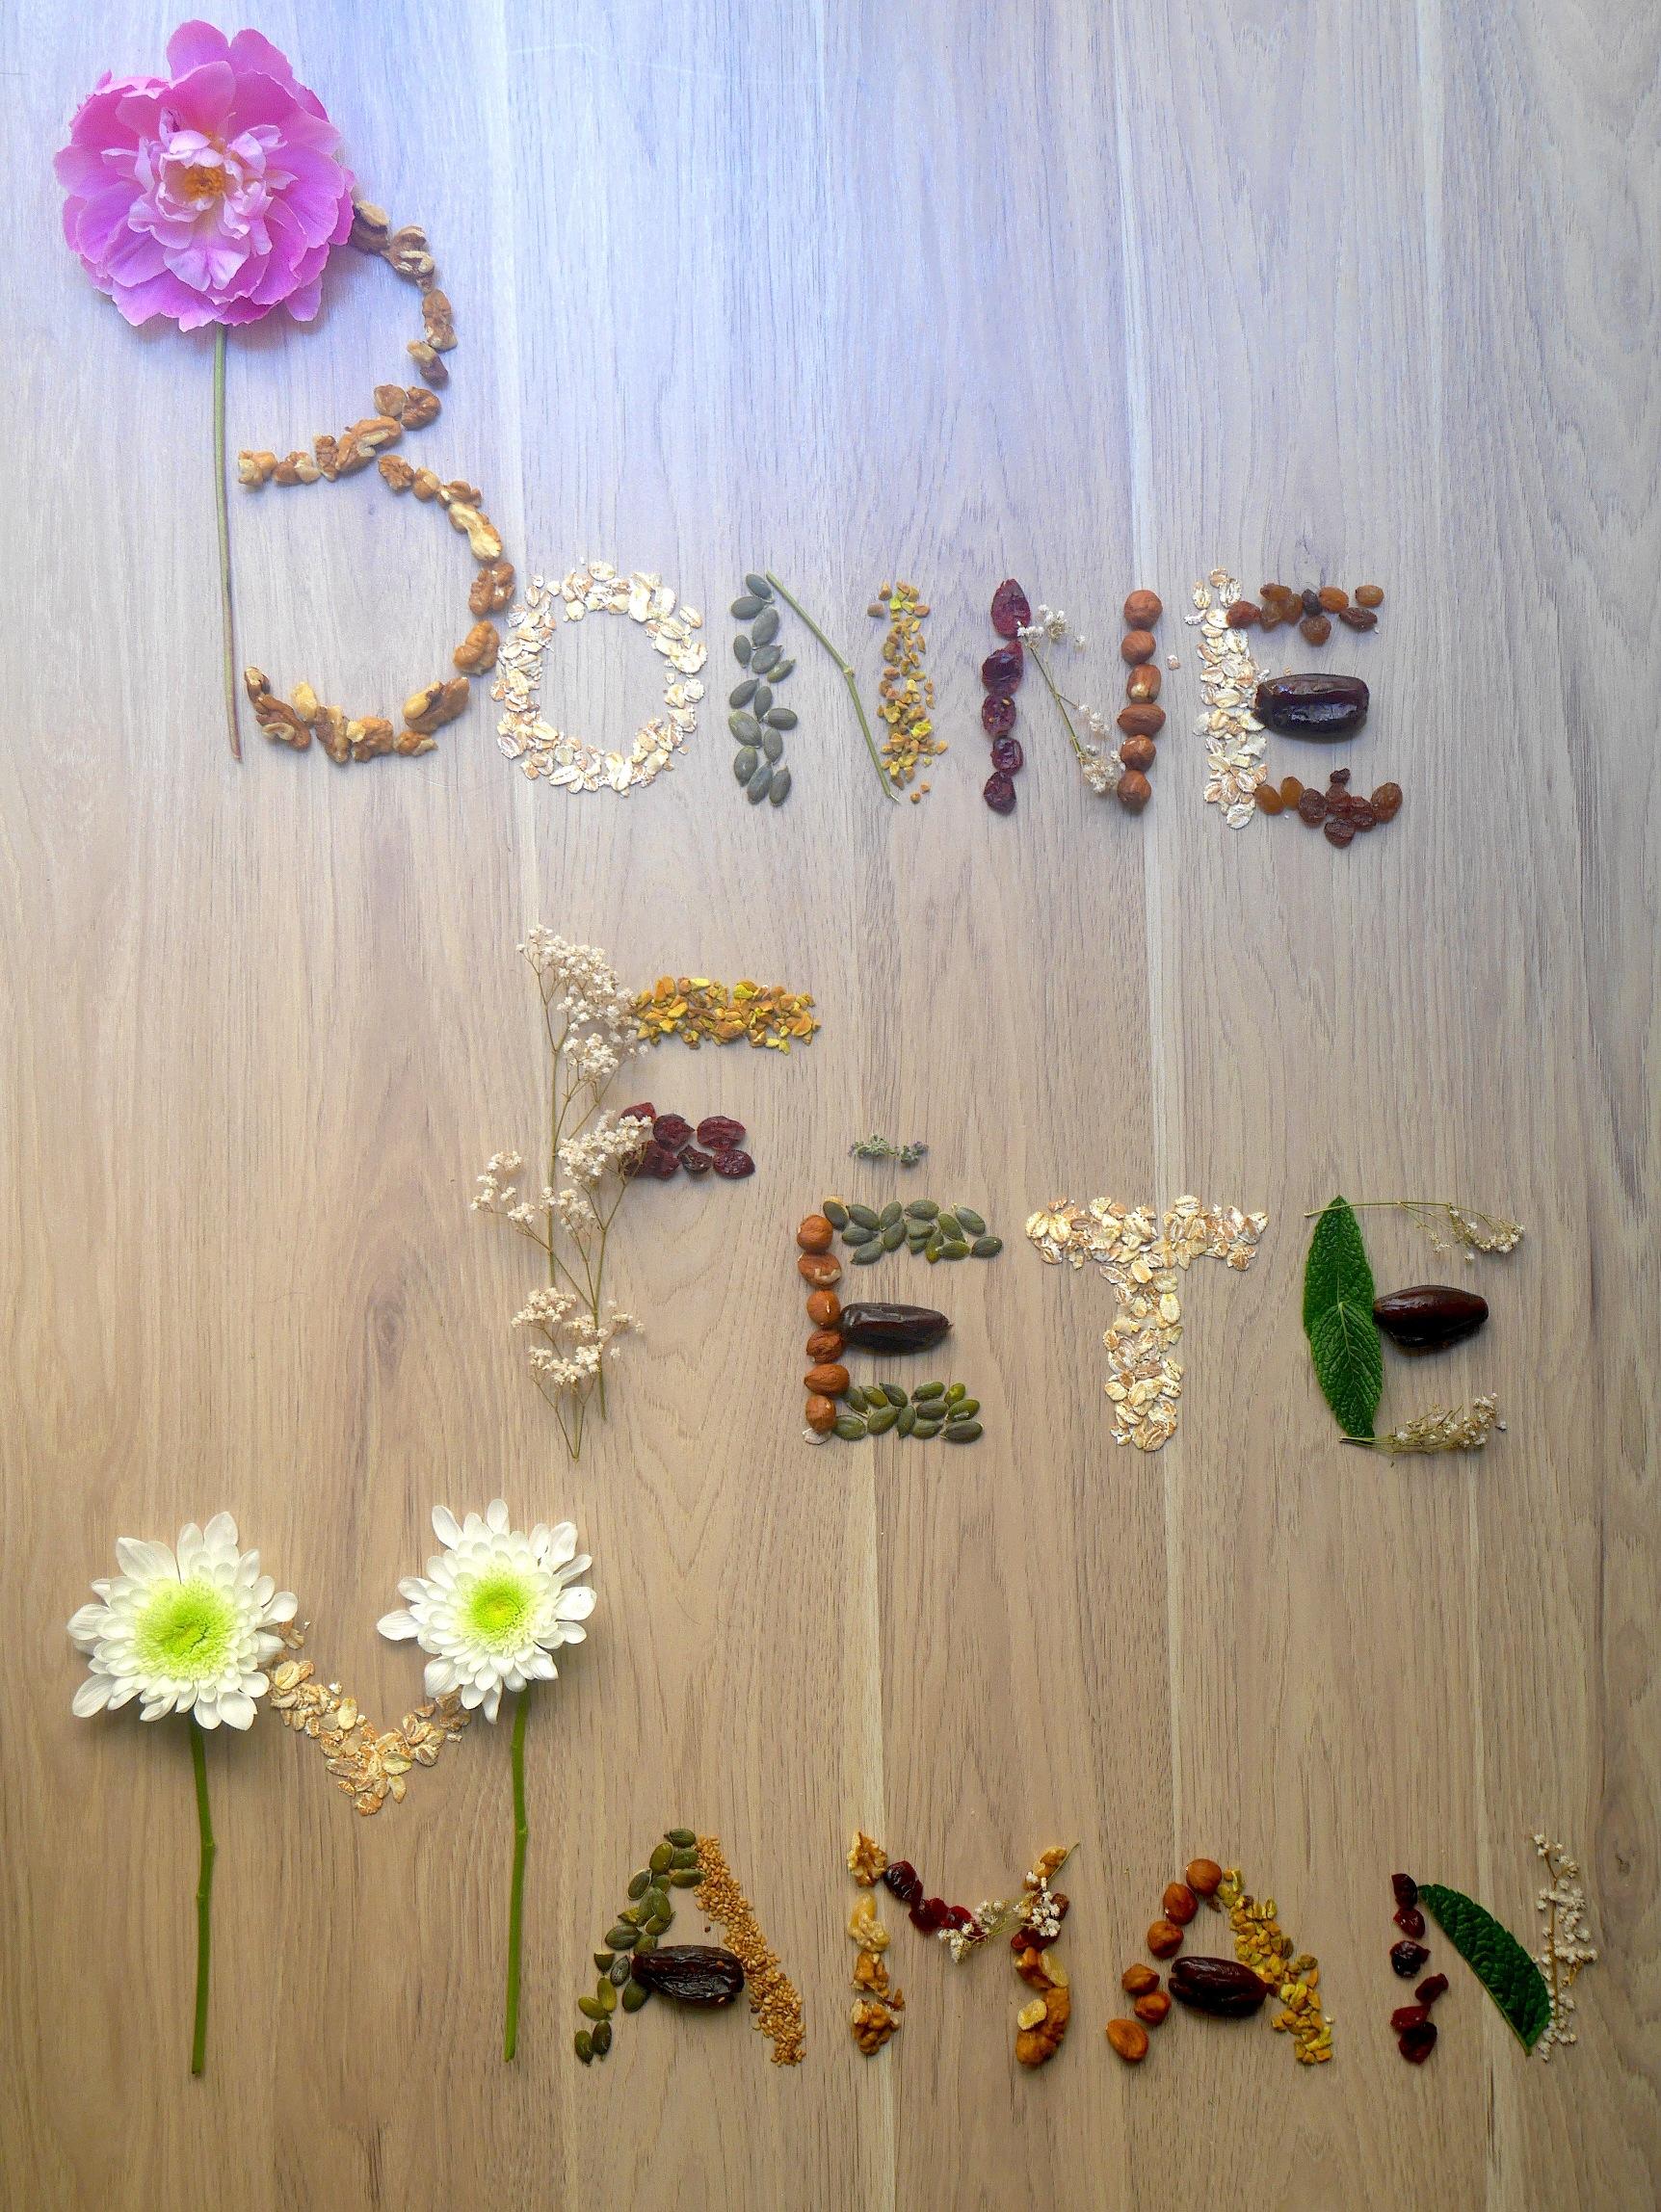 Création florale pour la fête des mères ! Bonne fête maman :-)